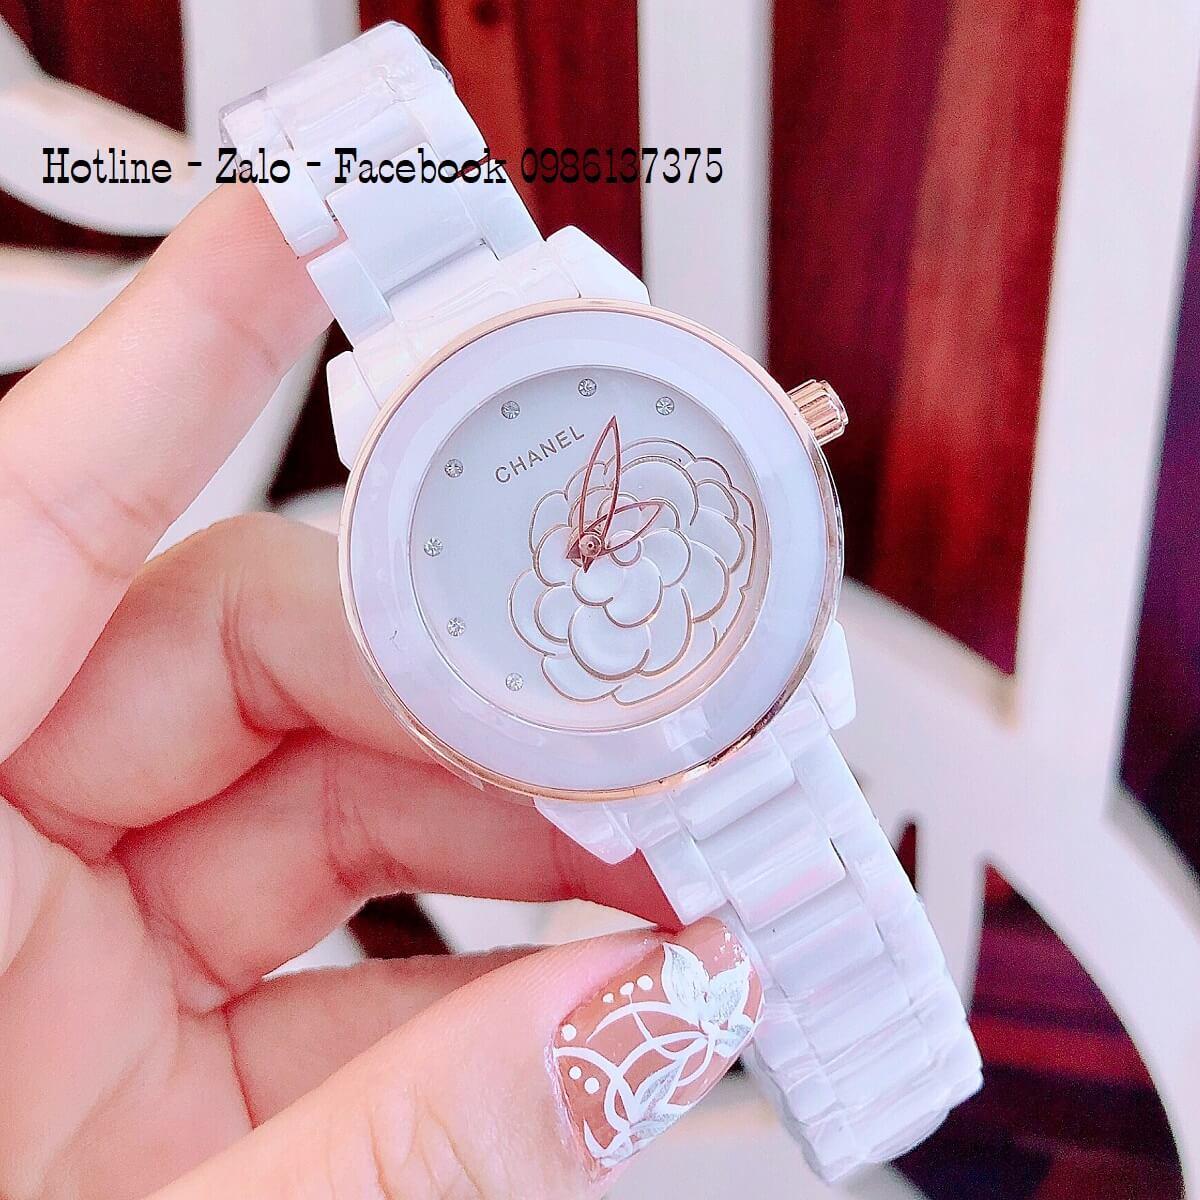 Đồng Hồ Nữ Chanel Đá Ceramic Trắng 33mm Mặt Hoa 3D